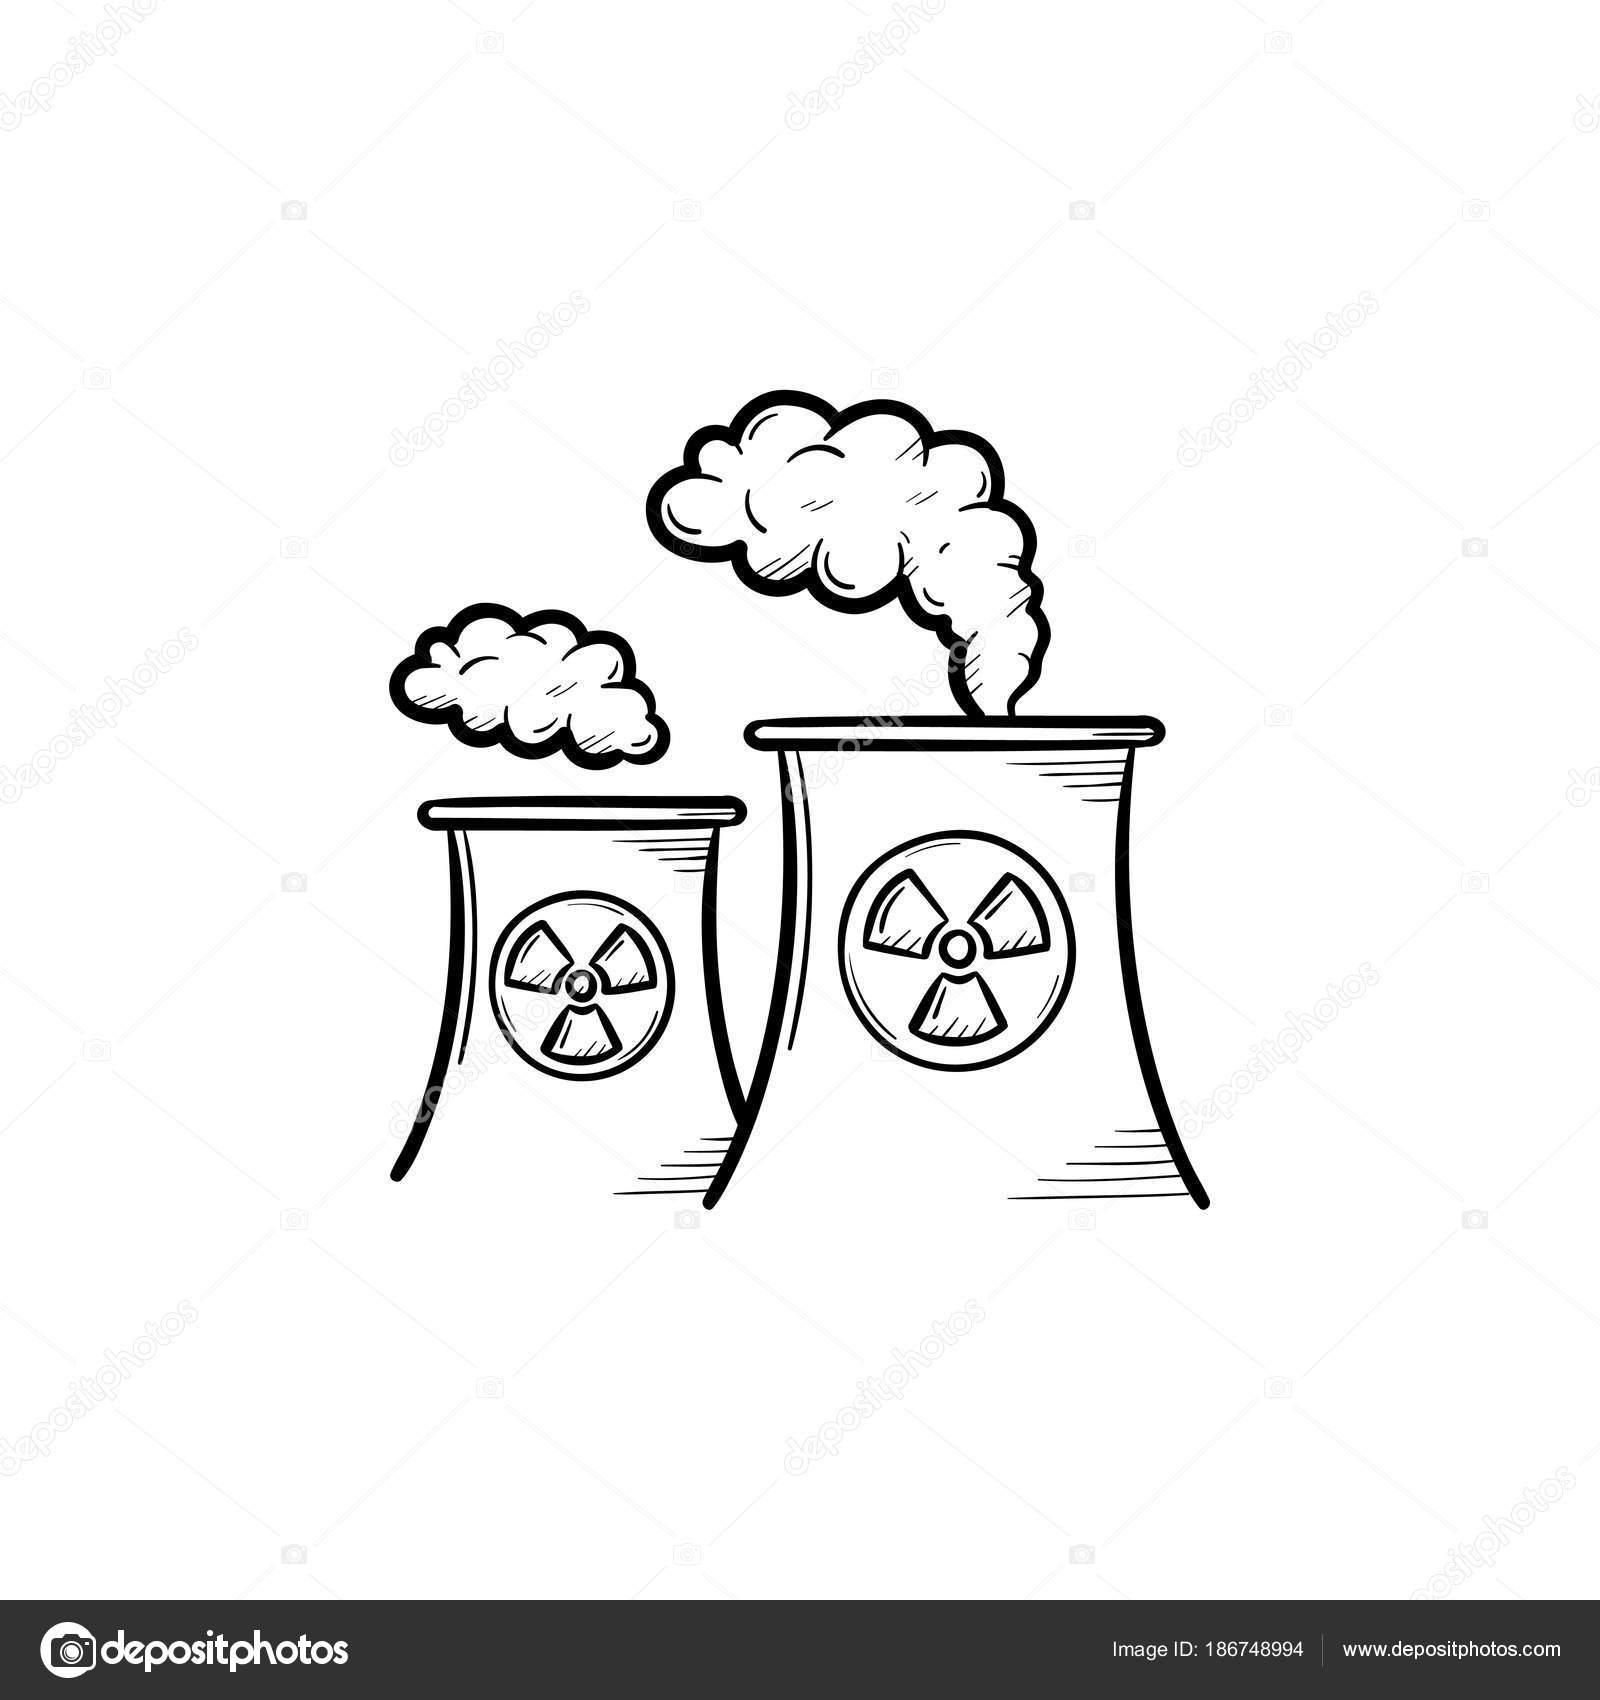 Dibujos Energia Quimica Icono De Esbozo Dibujado De Mano De